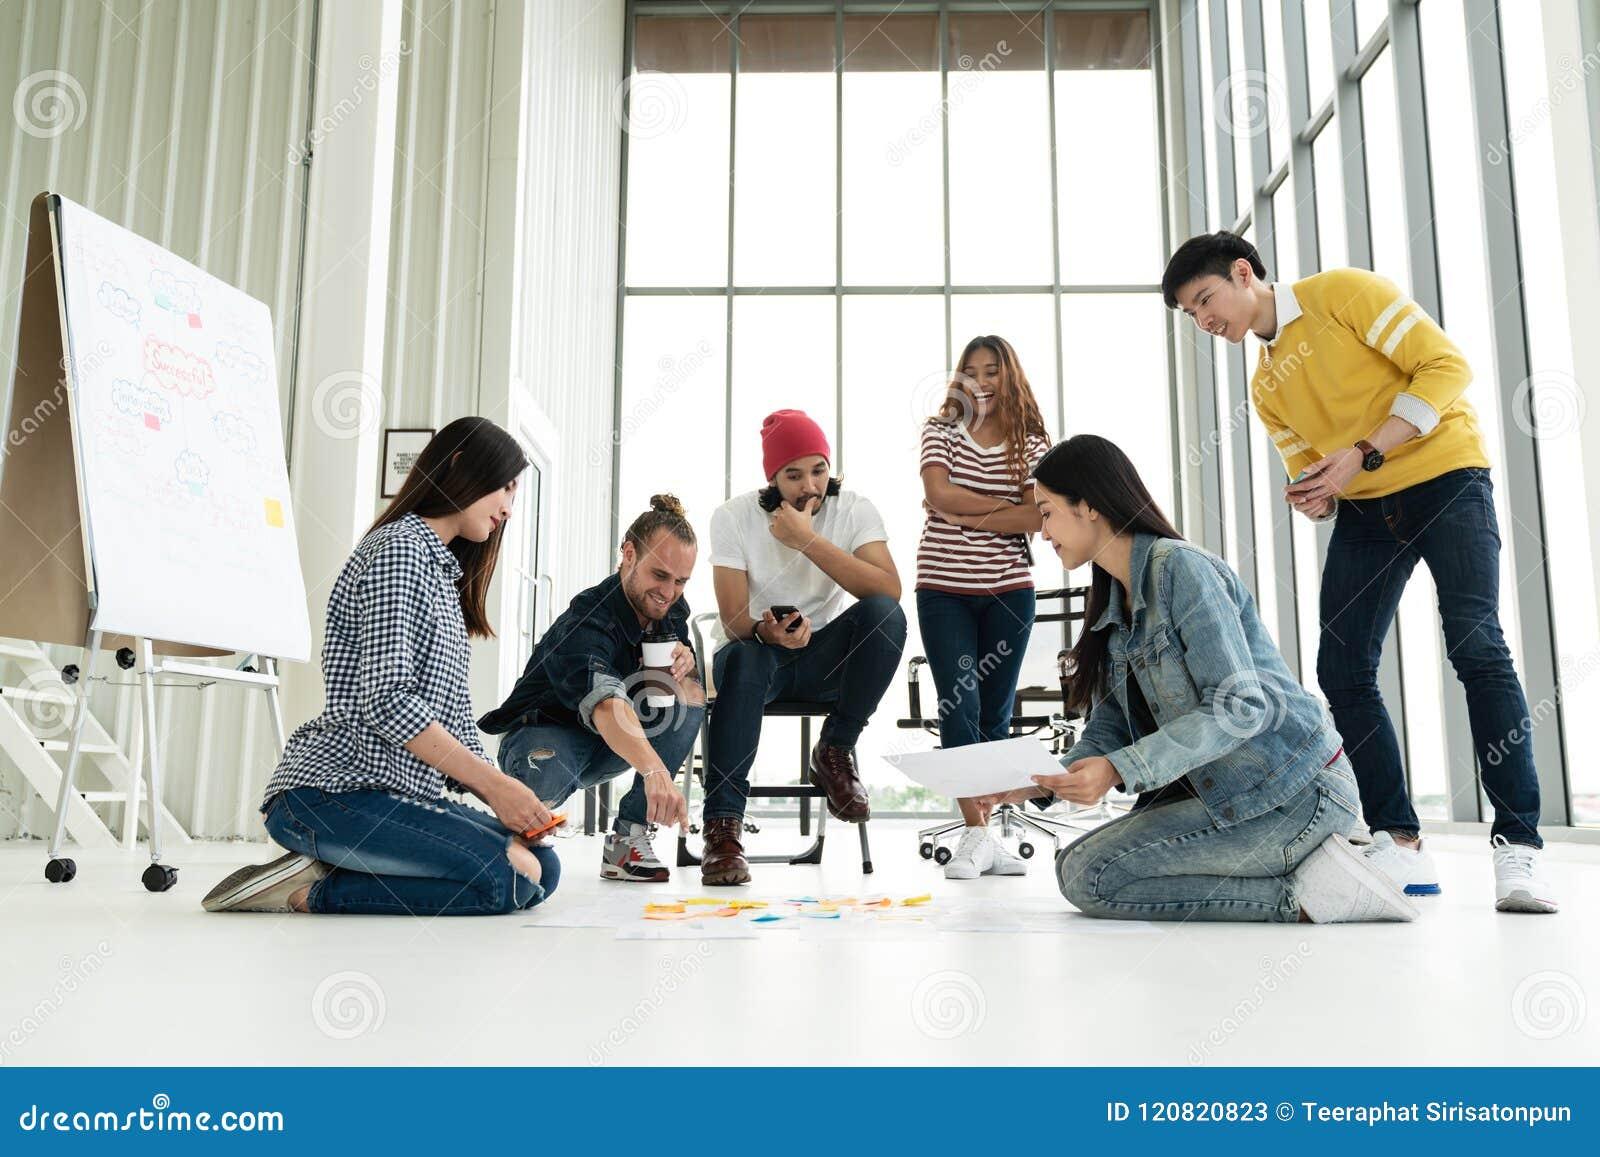 Молодая творческая разнообразная групповая встреча и смотреть план проекта положенный вне на пол обсуждают или коллективно обсужд